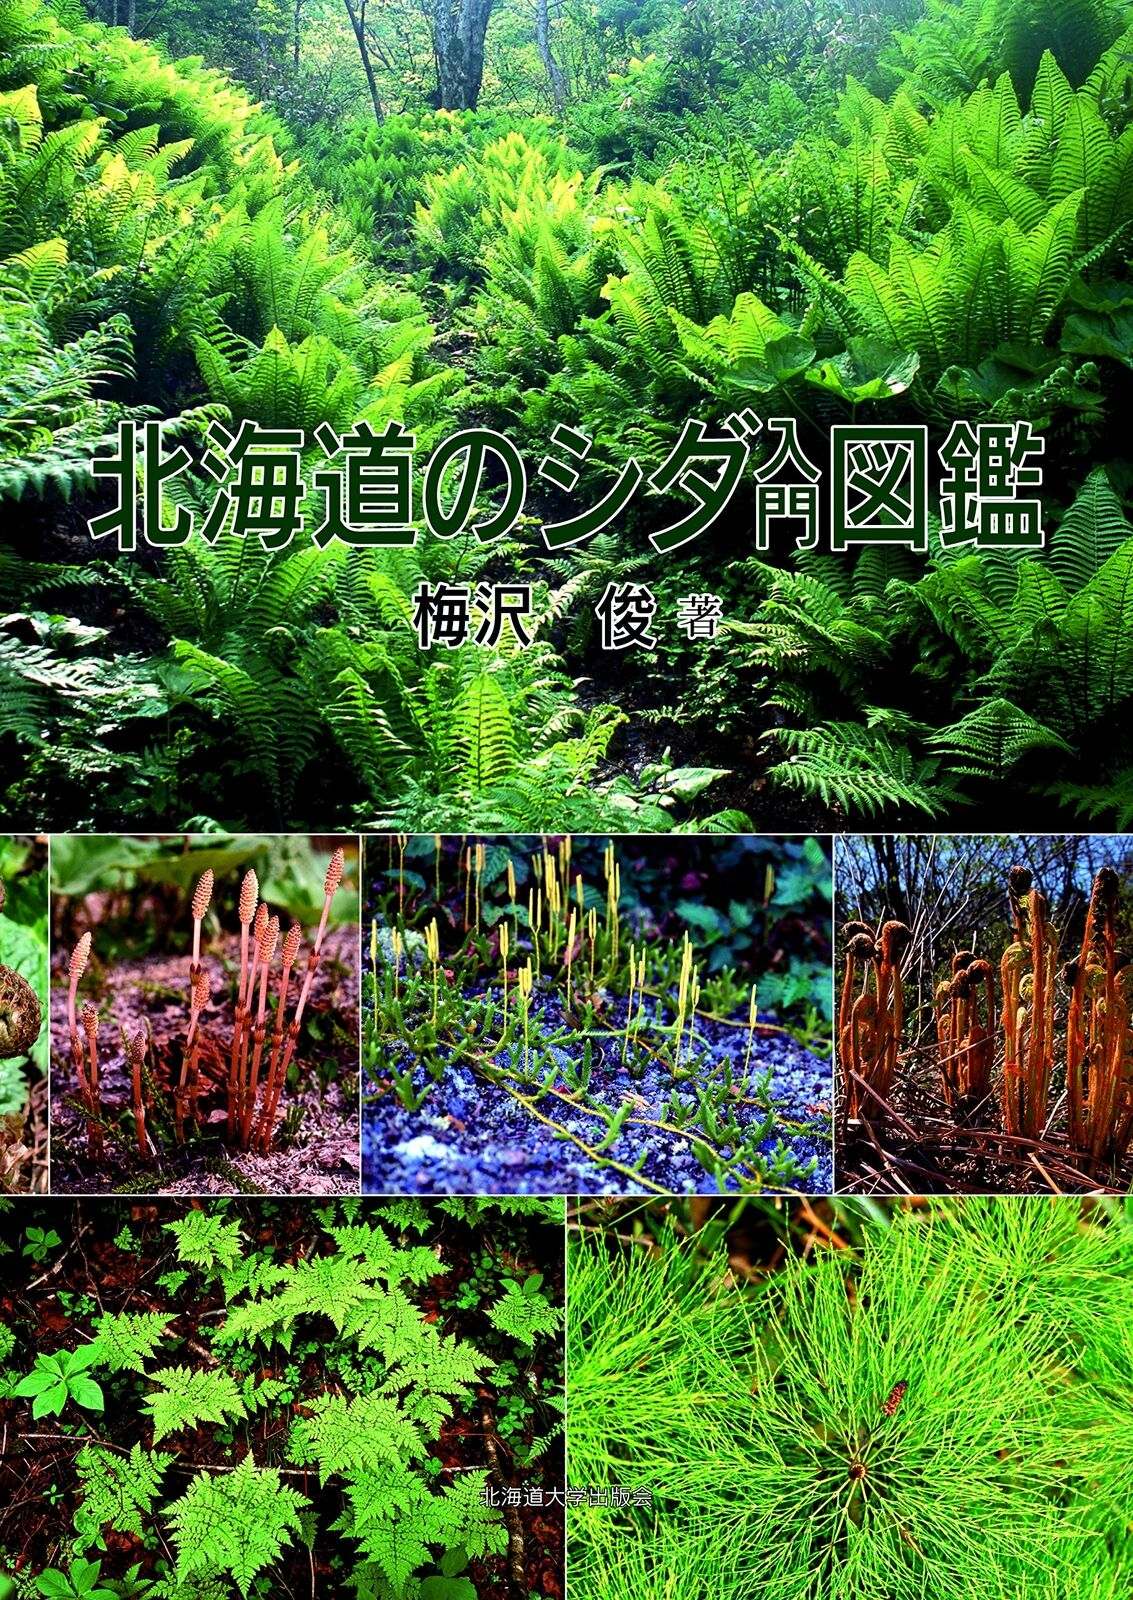 barato y de alta calidad Libro de imágenes helechos helechos helechos en Hokkaido  encuentra tu favorito aquí